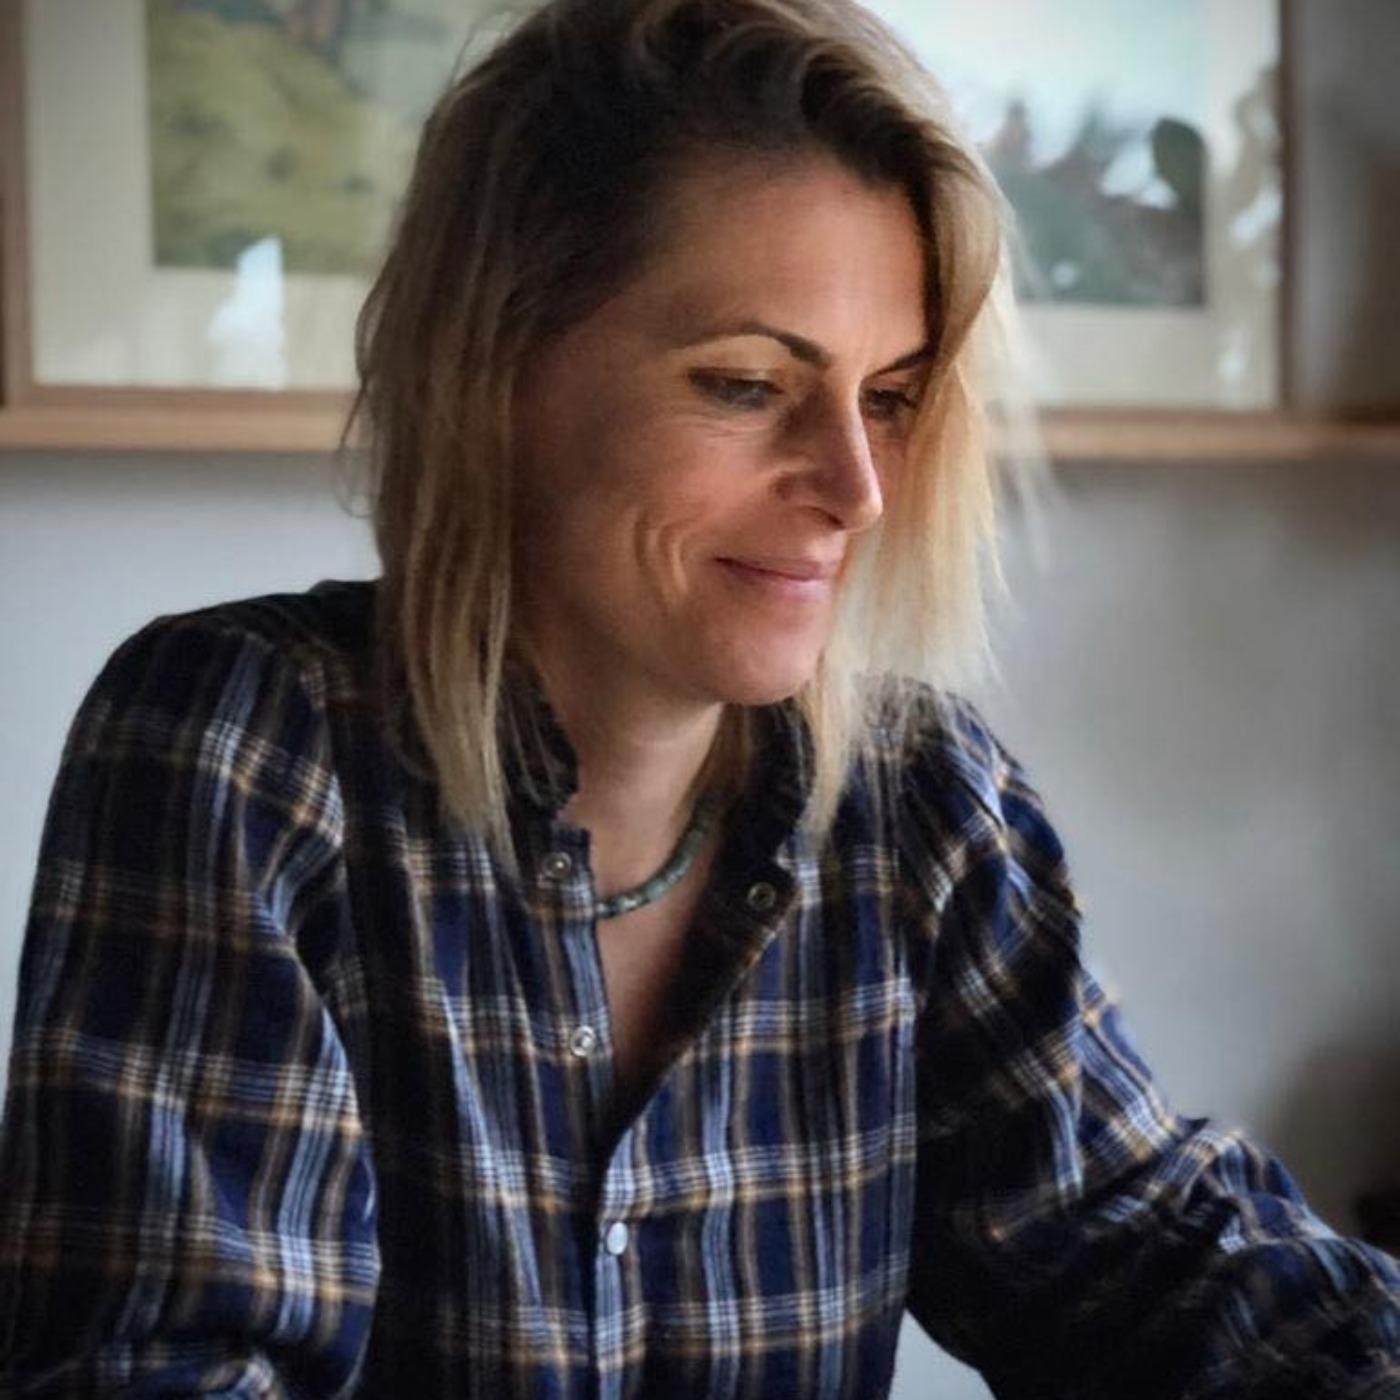 Épisode #71 - Sophie Keller : Le ciel astrologique de 2020 avec l'astrologie jungienne et intuitive